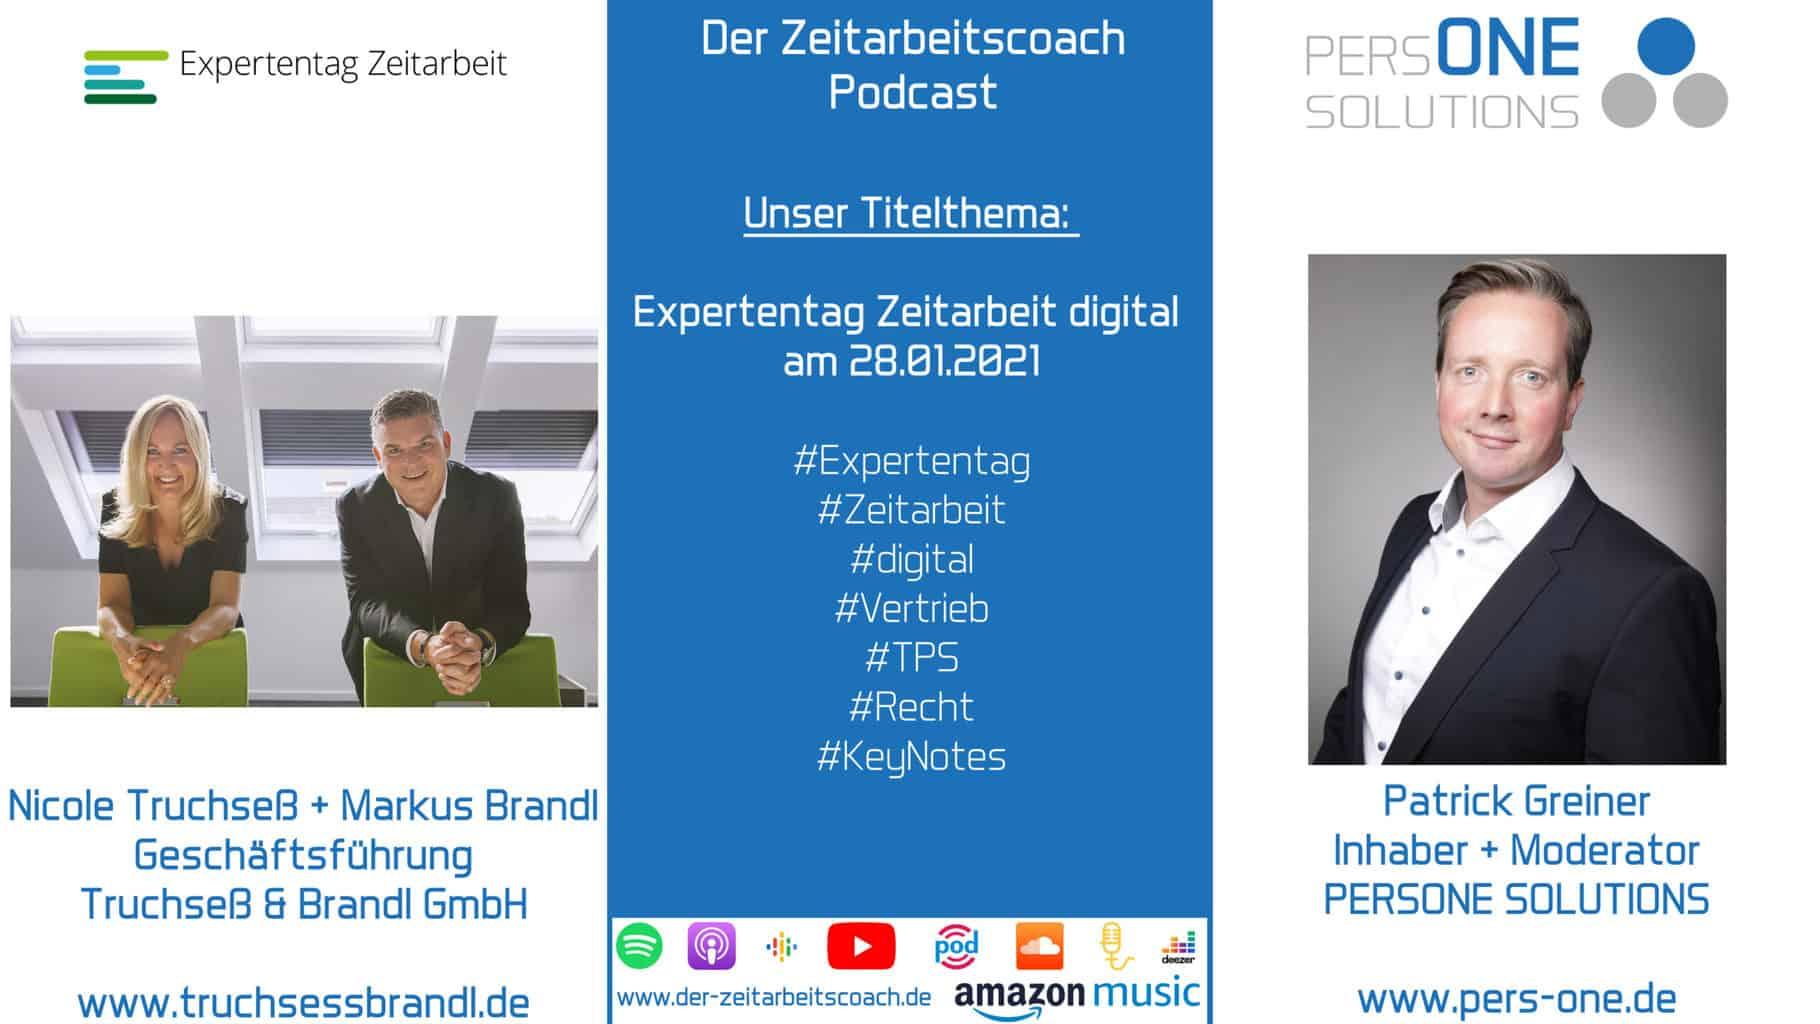 Expertentag Zeitarbeit_Podcast SM Grafik-Interview_Zeitarbeitscoach-Podcast